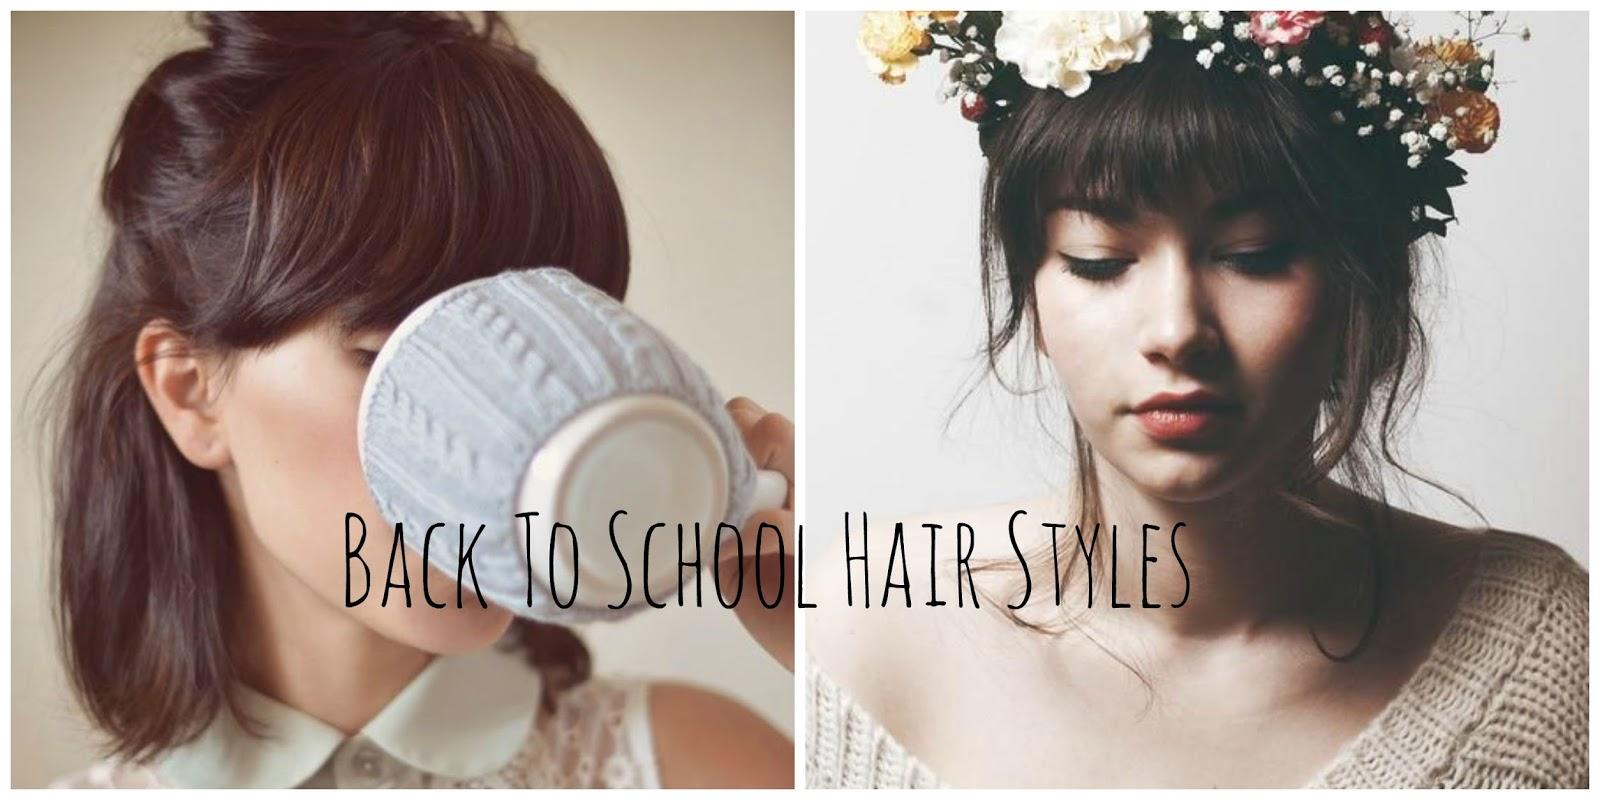 Perks Being Reader Cute Back School Hair Styles